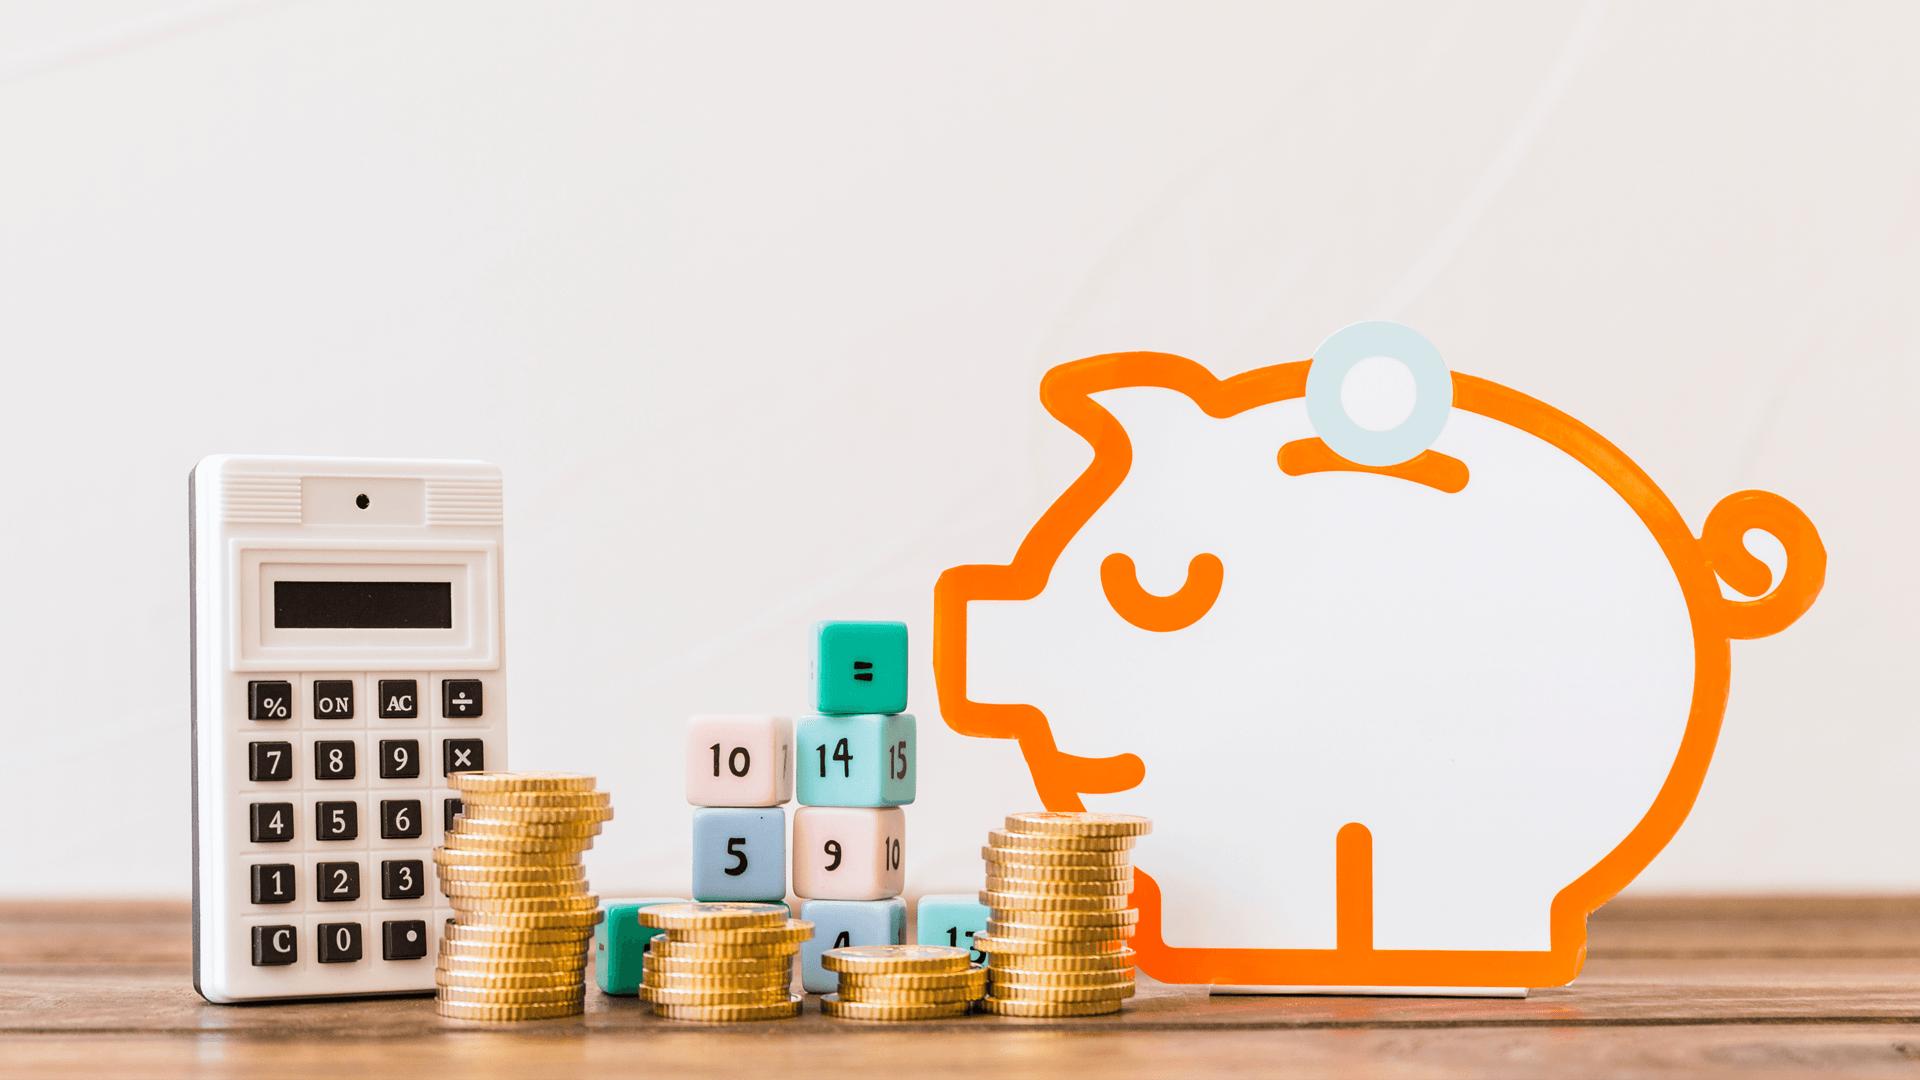 Phân tích dòng tiền tệ và những điều cần lưu ý - Tín dụng